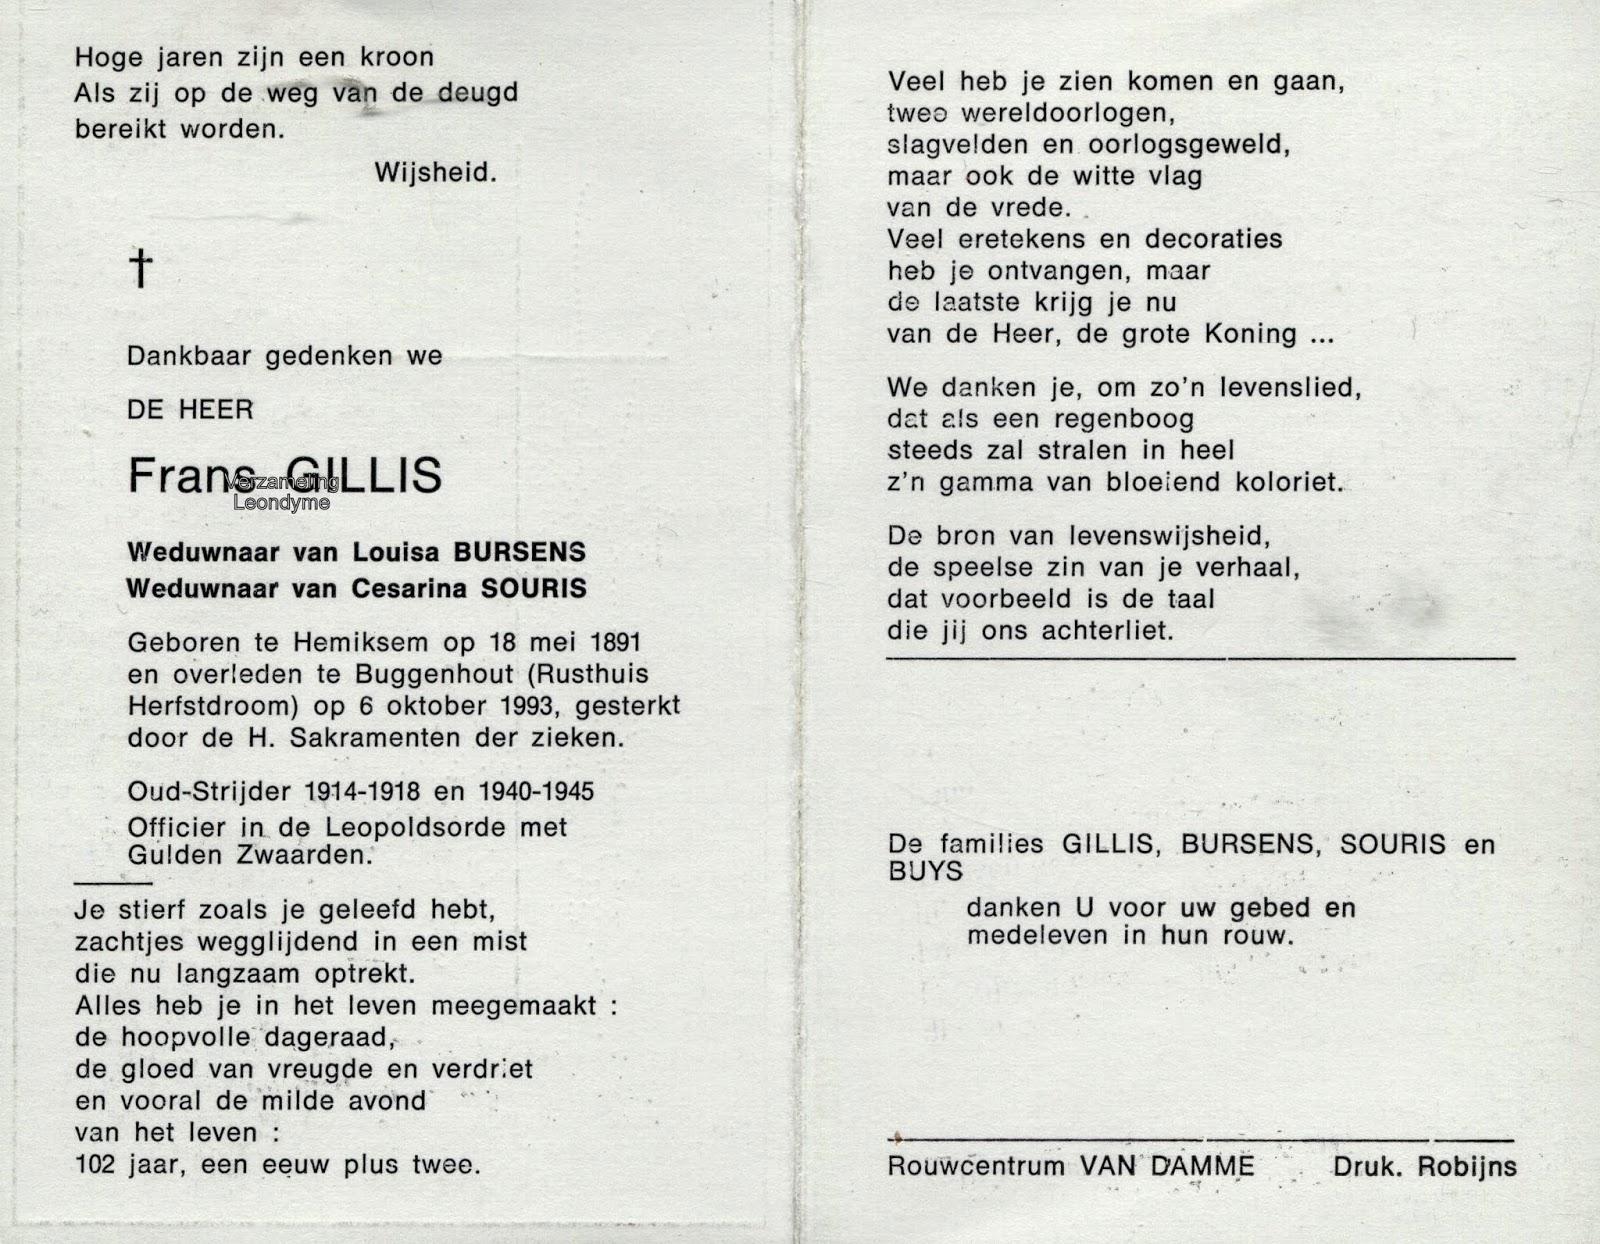 Bidprentje, oud-strijder/vuurkruiser Gillis Frans 1891-1993. Verzameling Leondyme